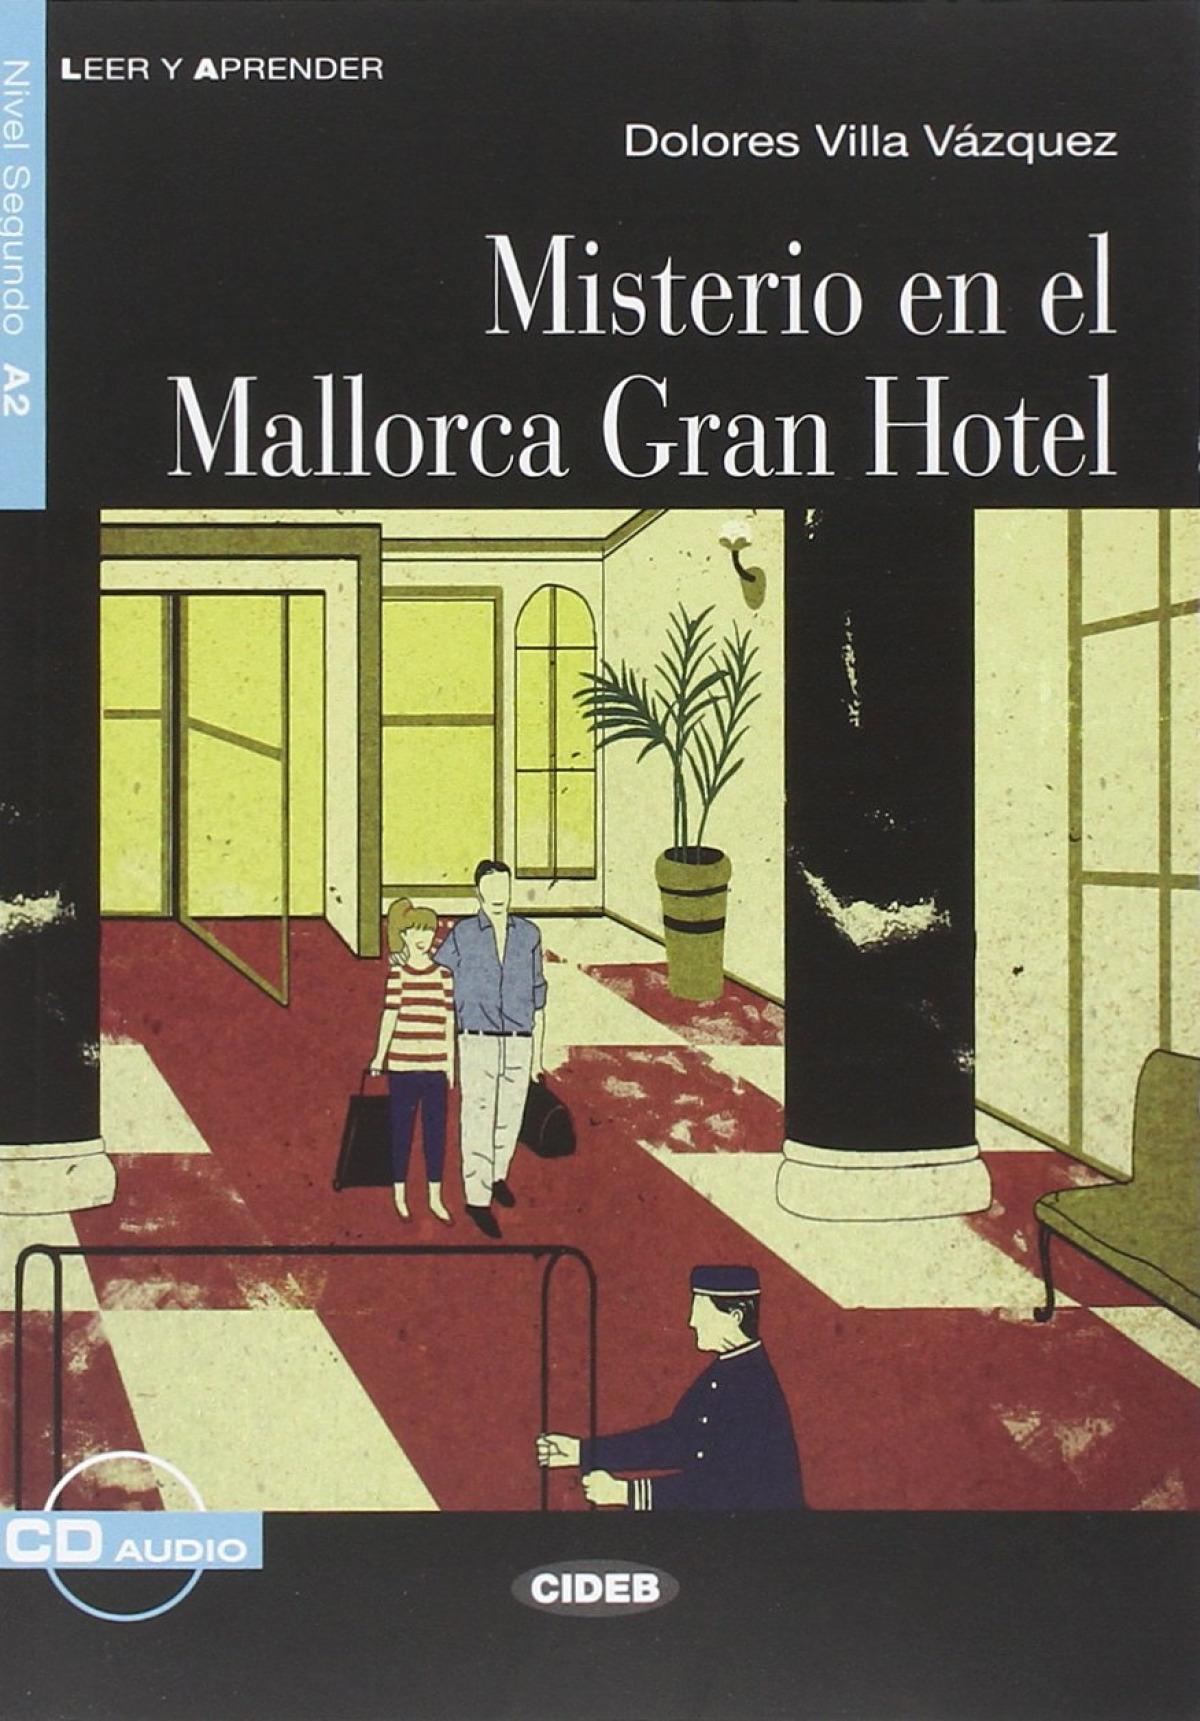 Misterio en mallorca gran hotel